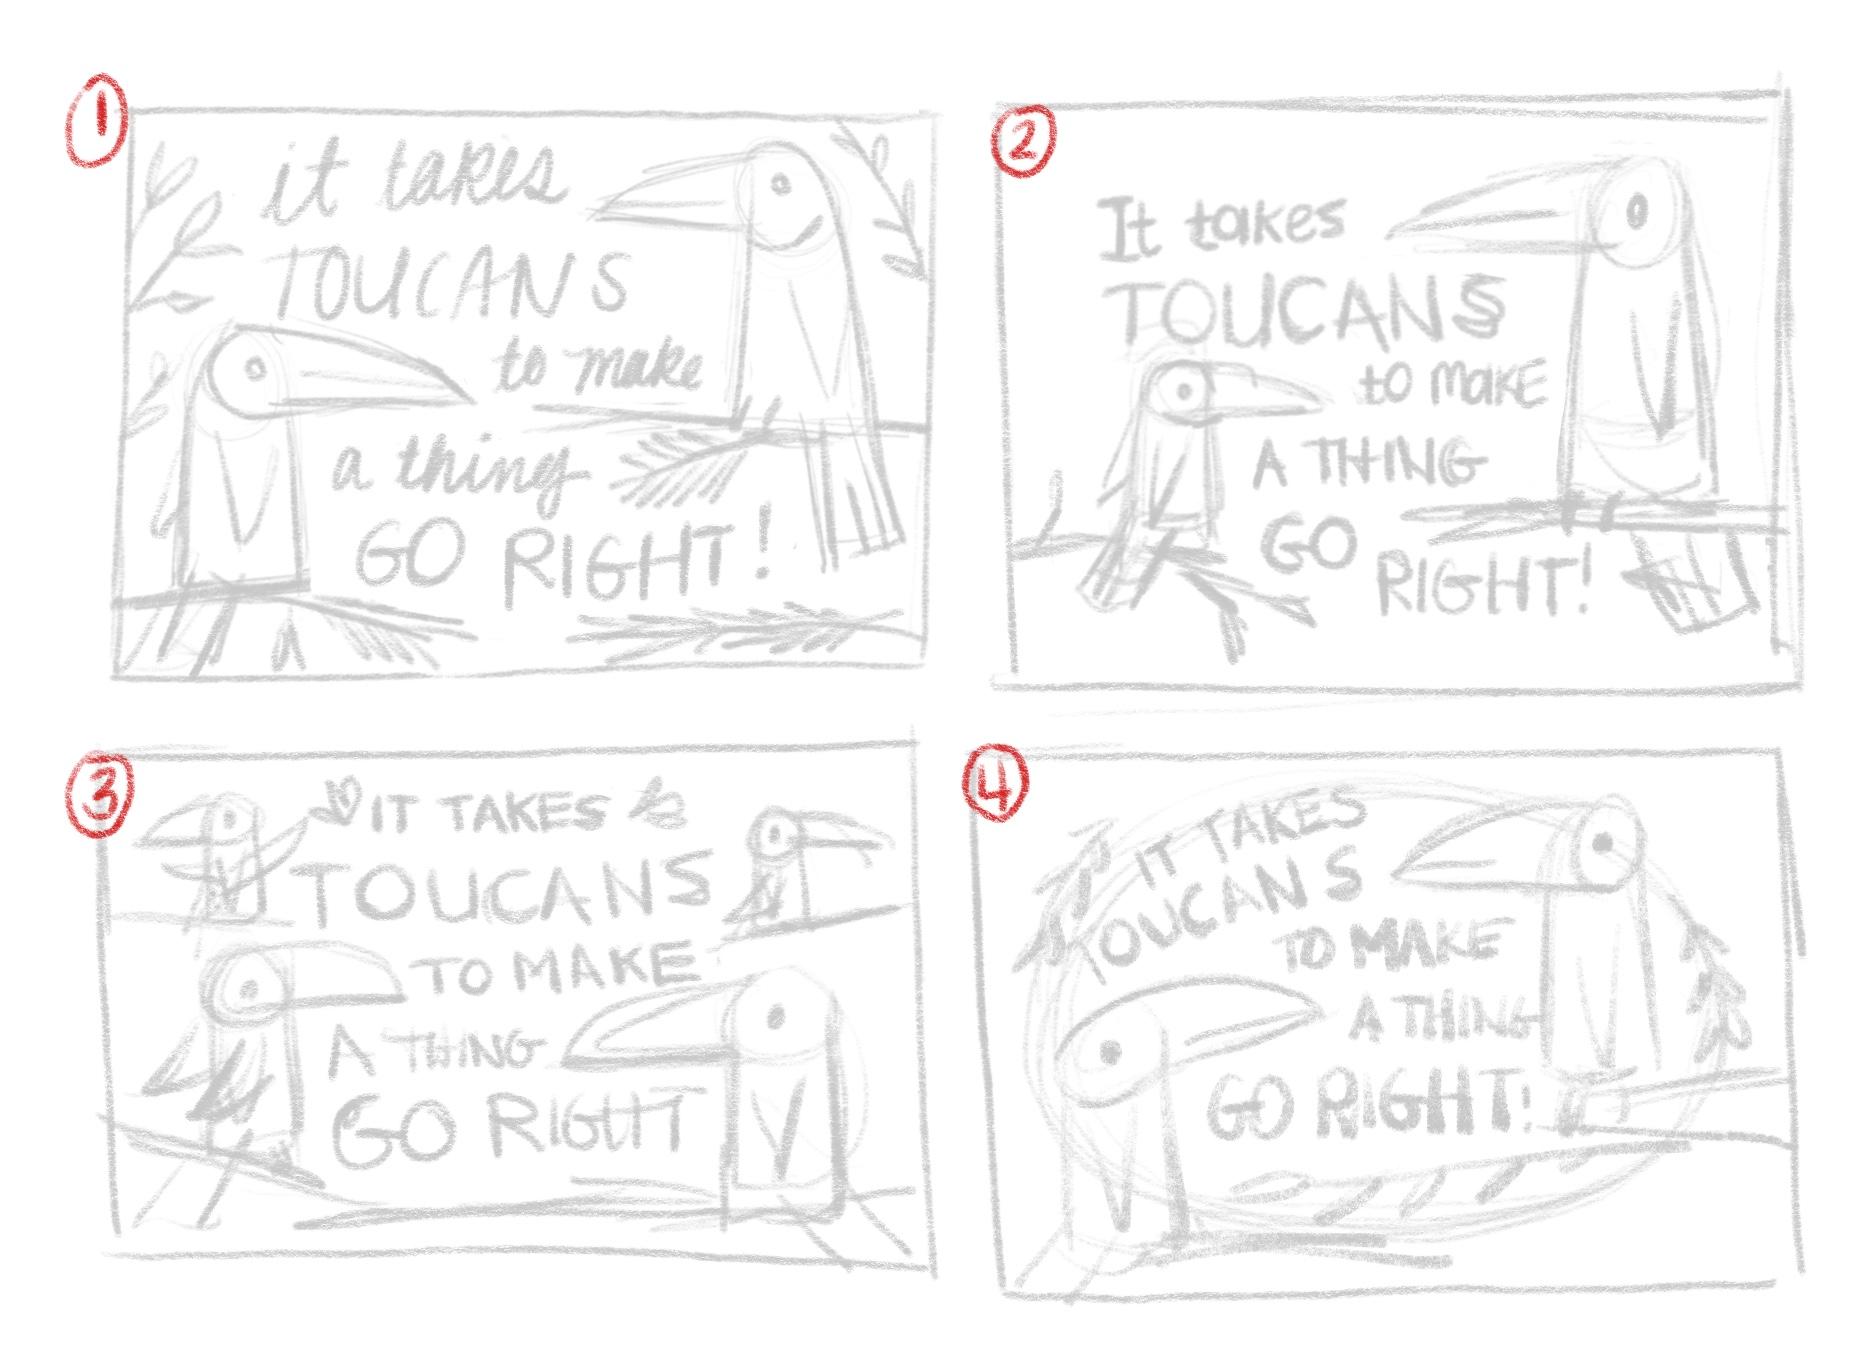 toucan-sketches.jpg